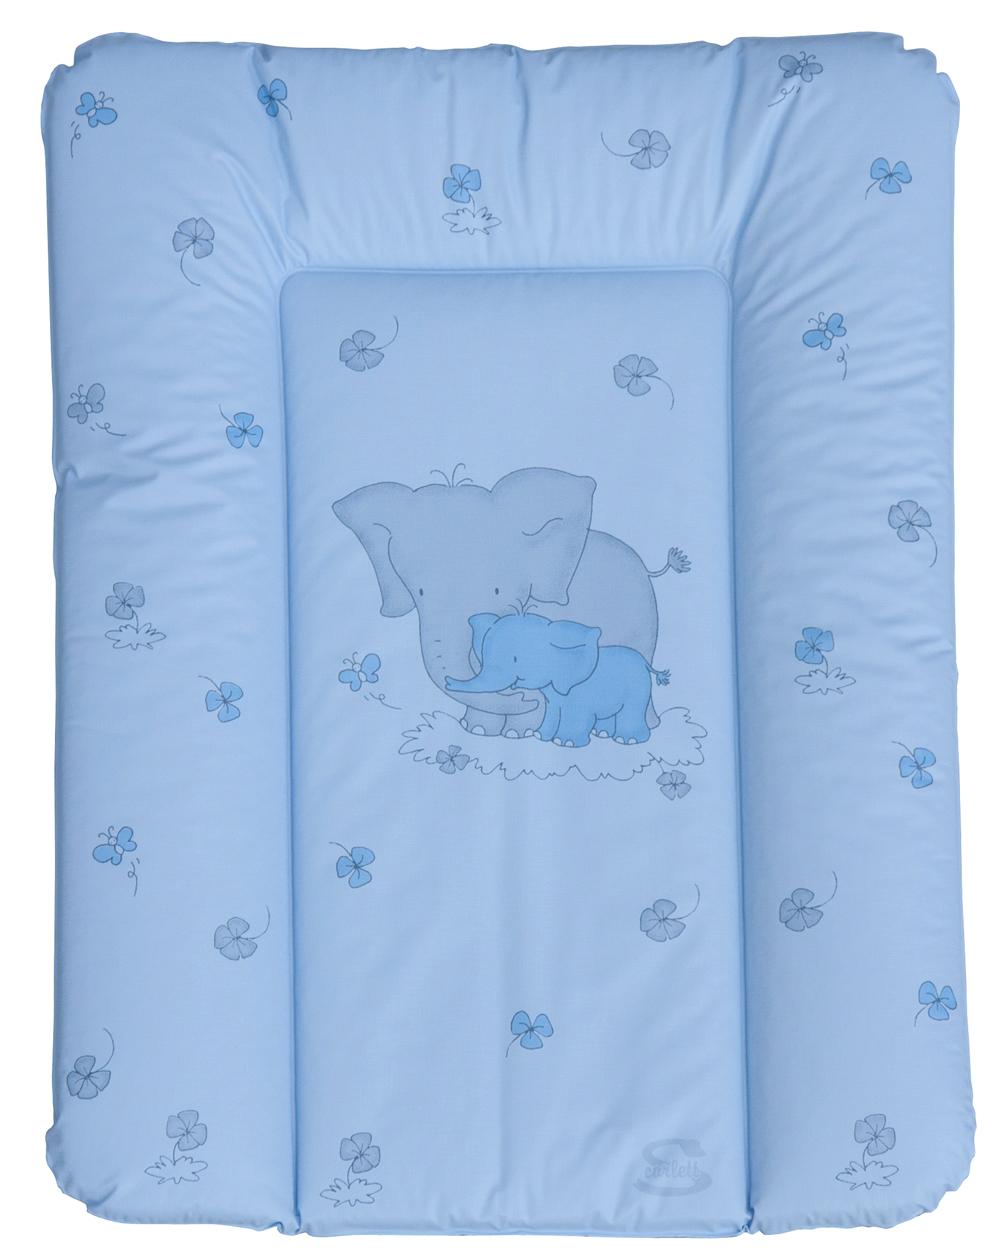 Podložka na komodu Scarlett Bimbo - modrá - 50 x 72 cm